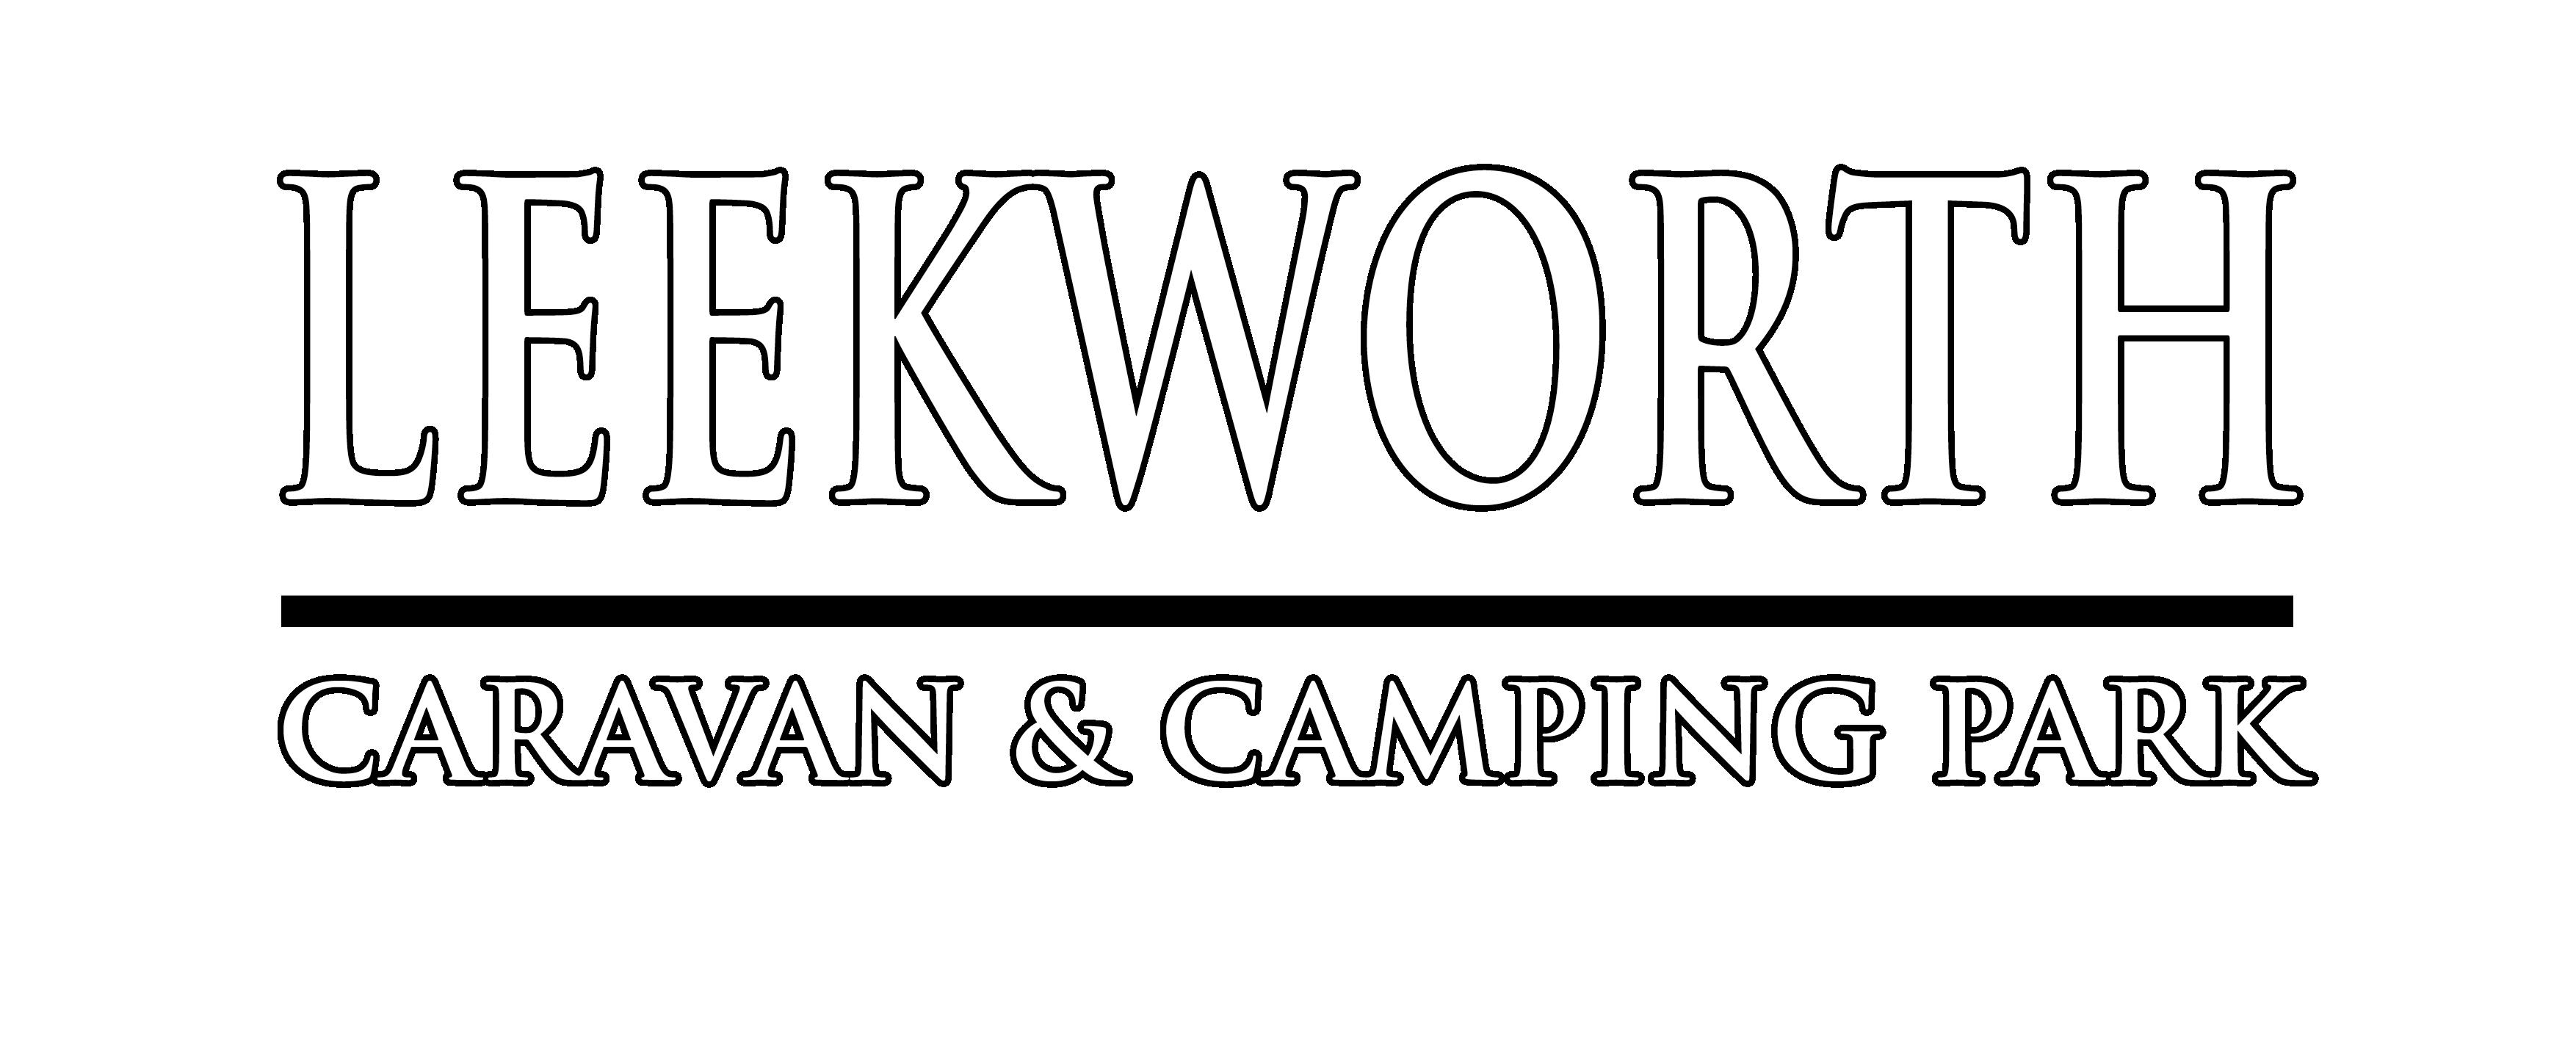 leekworth caravan and camping park | caravan park durham dales teesdale, camp site teesdale | caravan park durham dales | camping site durham dales